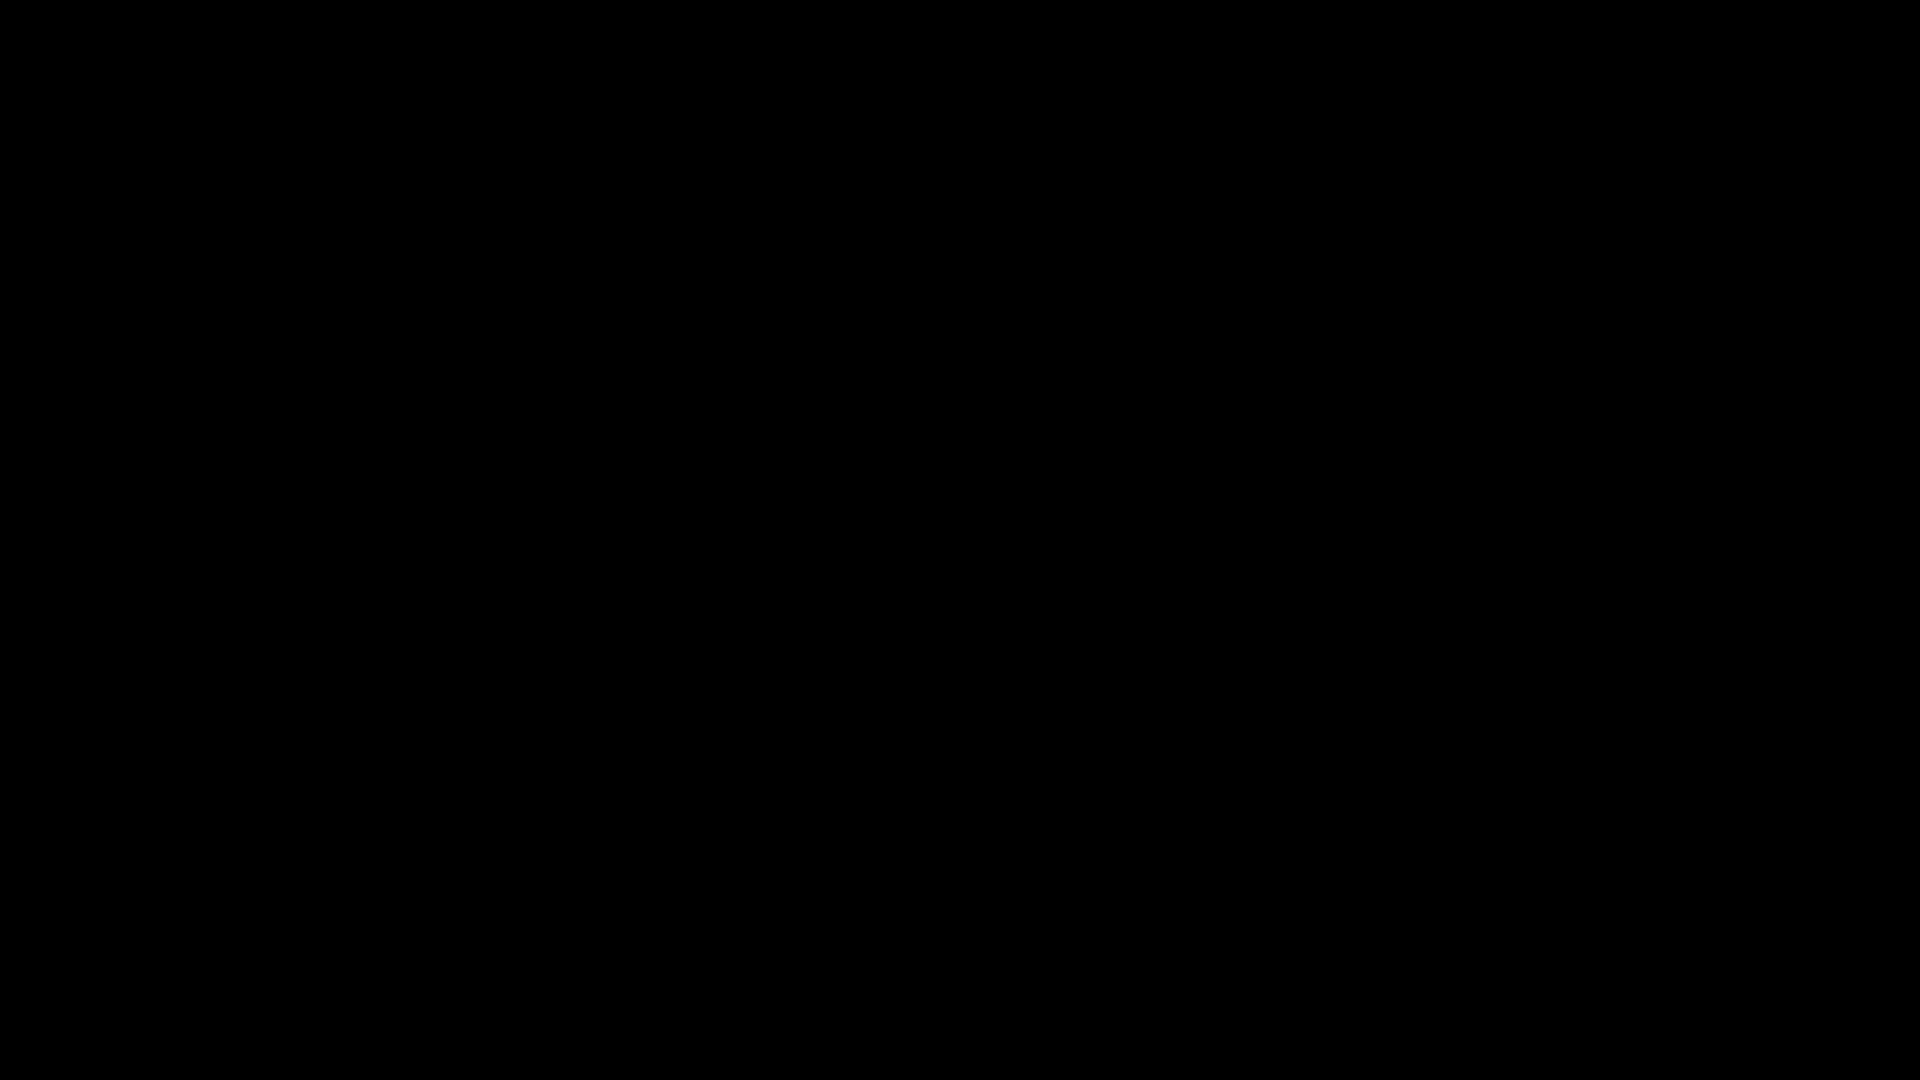 كابل ABC حزمة تجميعها النوى العلوية النظم الفولطية 0.6/1kV NFC 33-209